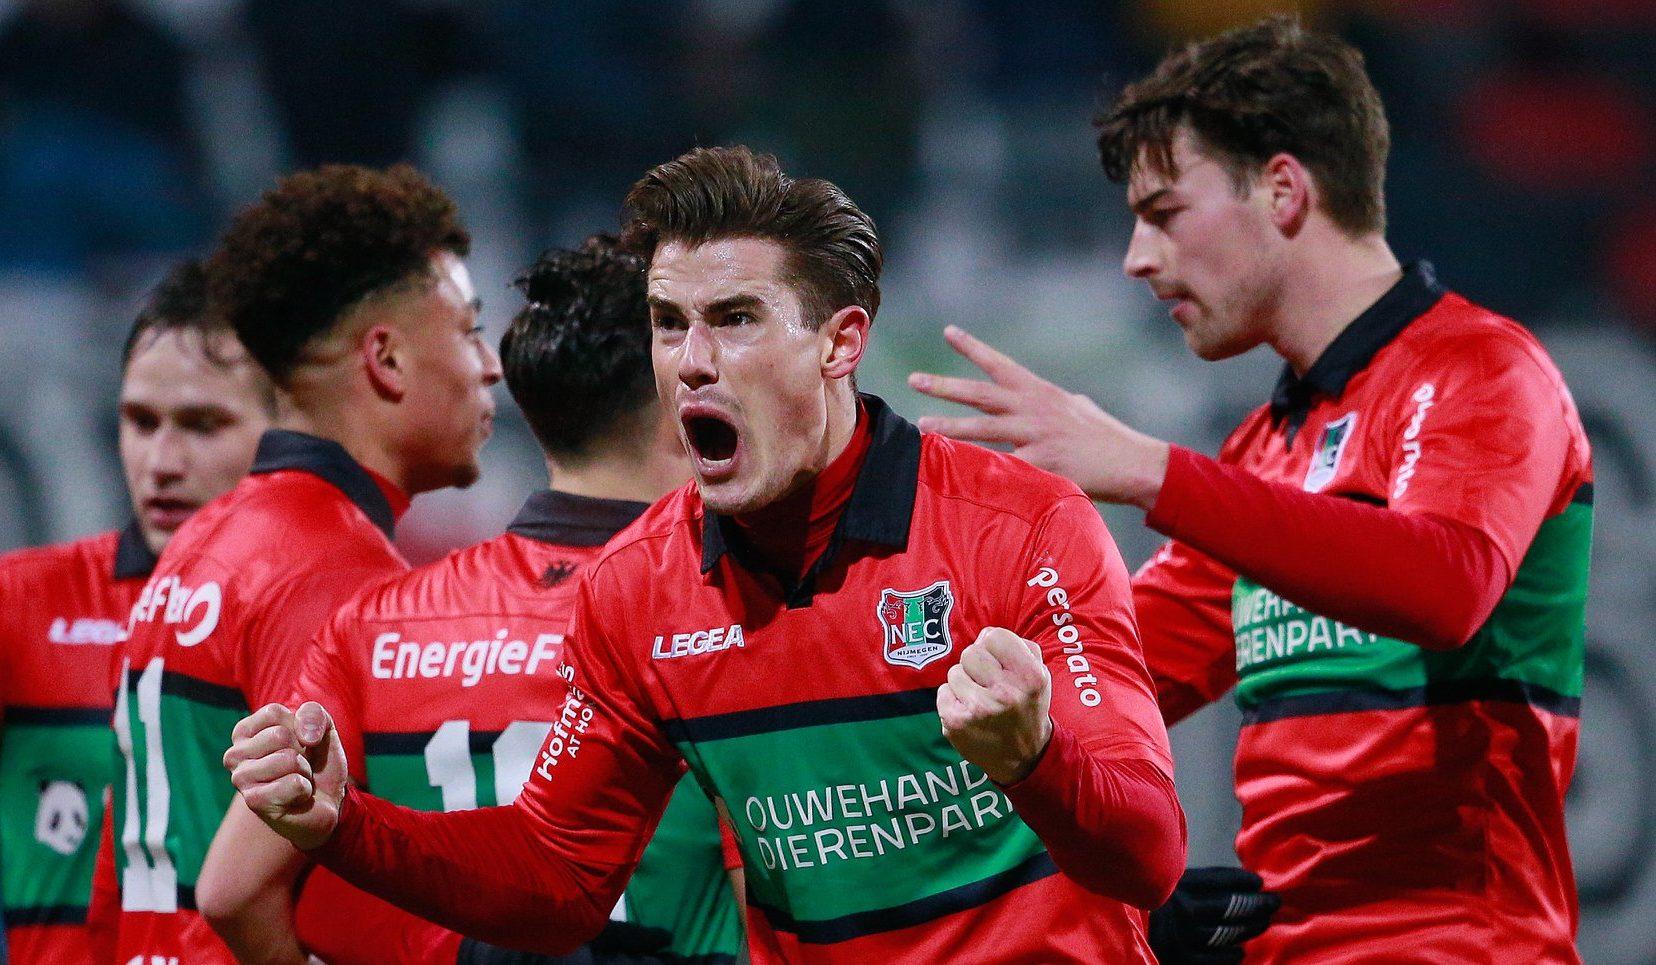 Eerste Divisie, Cambuur-Nijmegen venerdì 8 febbraio: analisi e pronostico della 24ma giornata della seconda divisione olandese